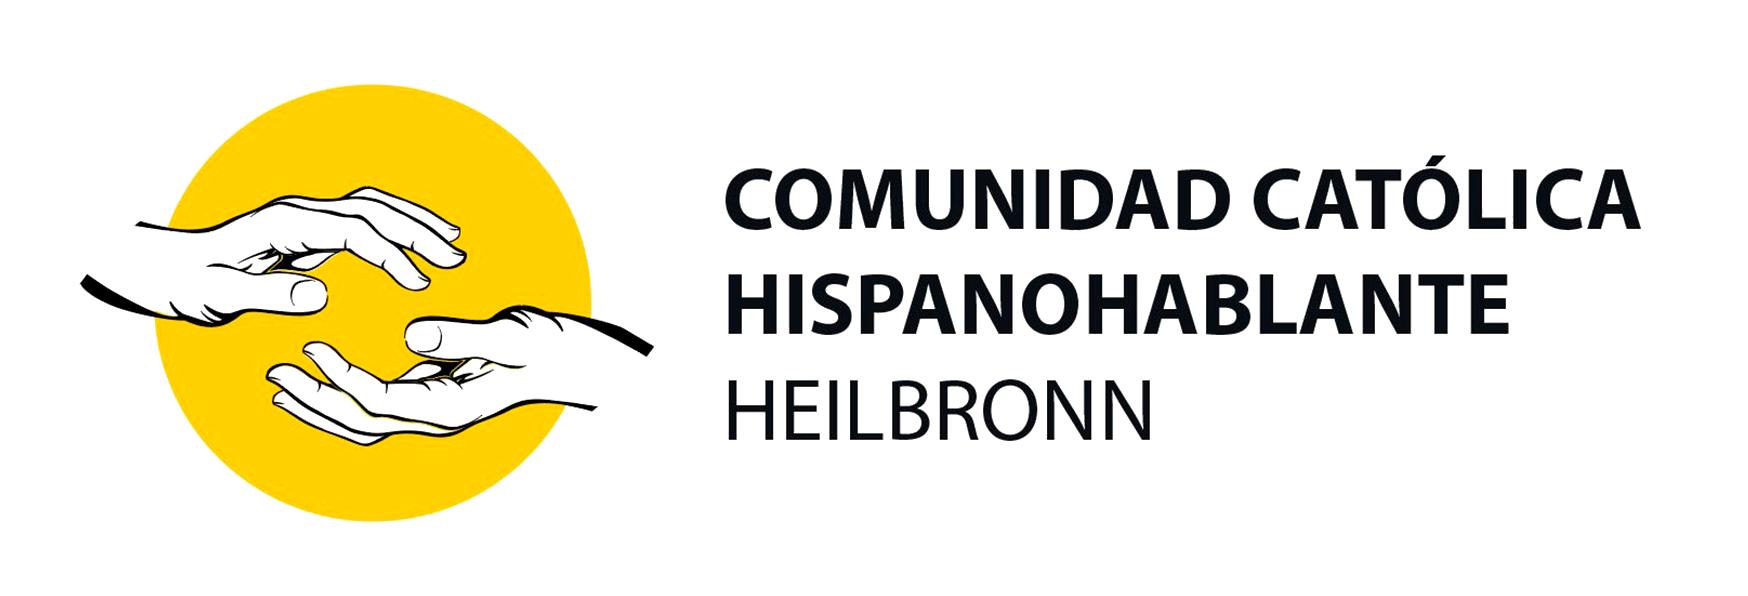 Comunidad Católica Hispanohablante Heilbronn